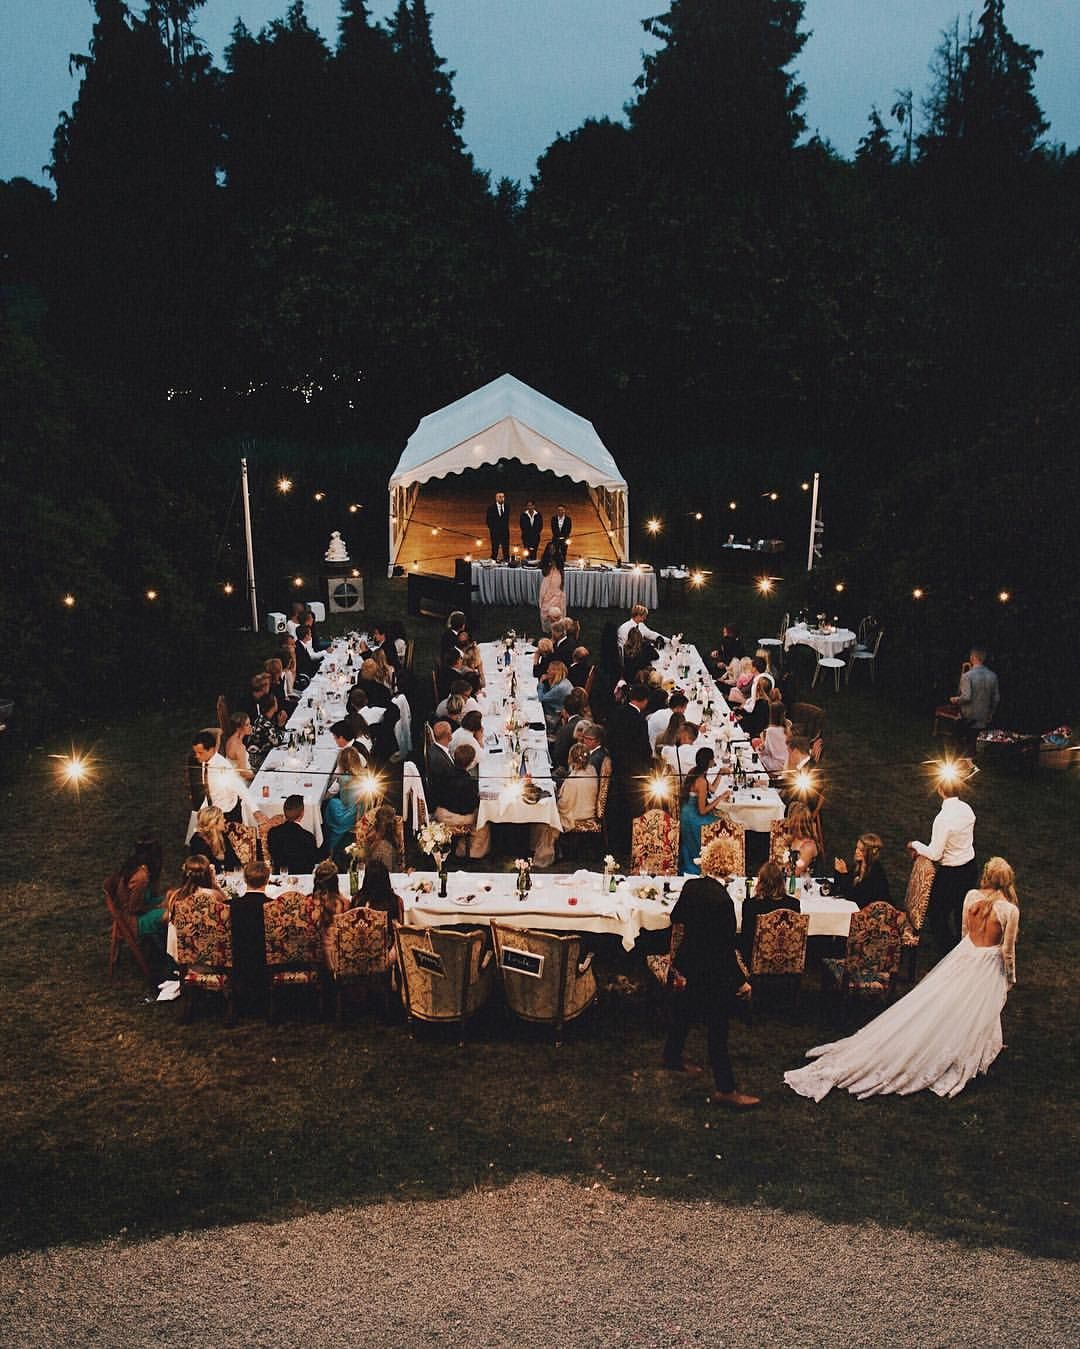 Sa wedding decor images  Pin by sa ak on Love u  Pinterest  Wedding Weddings and Reception